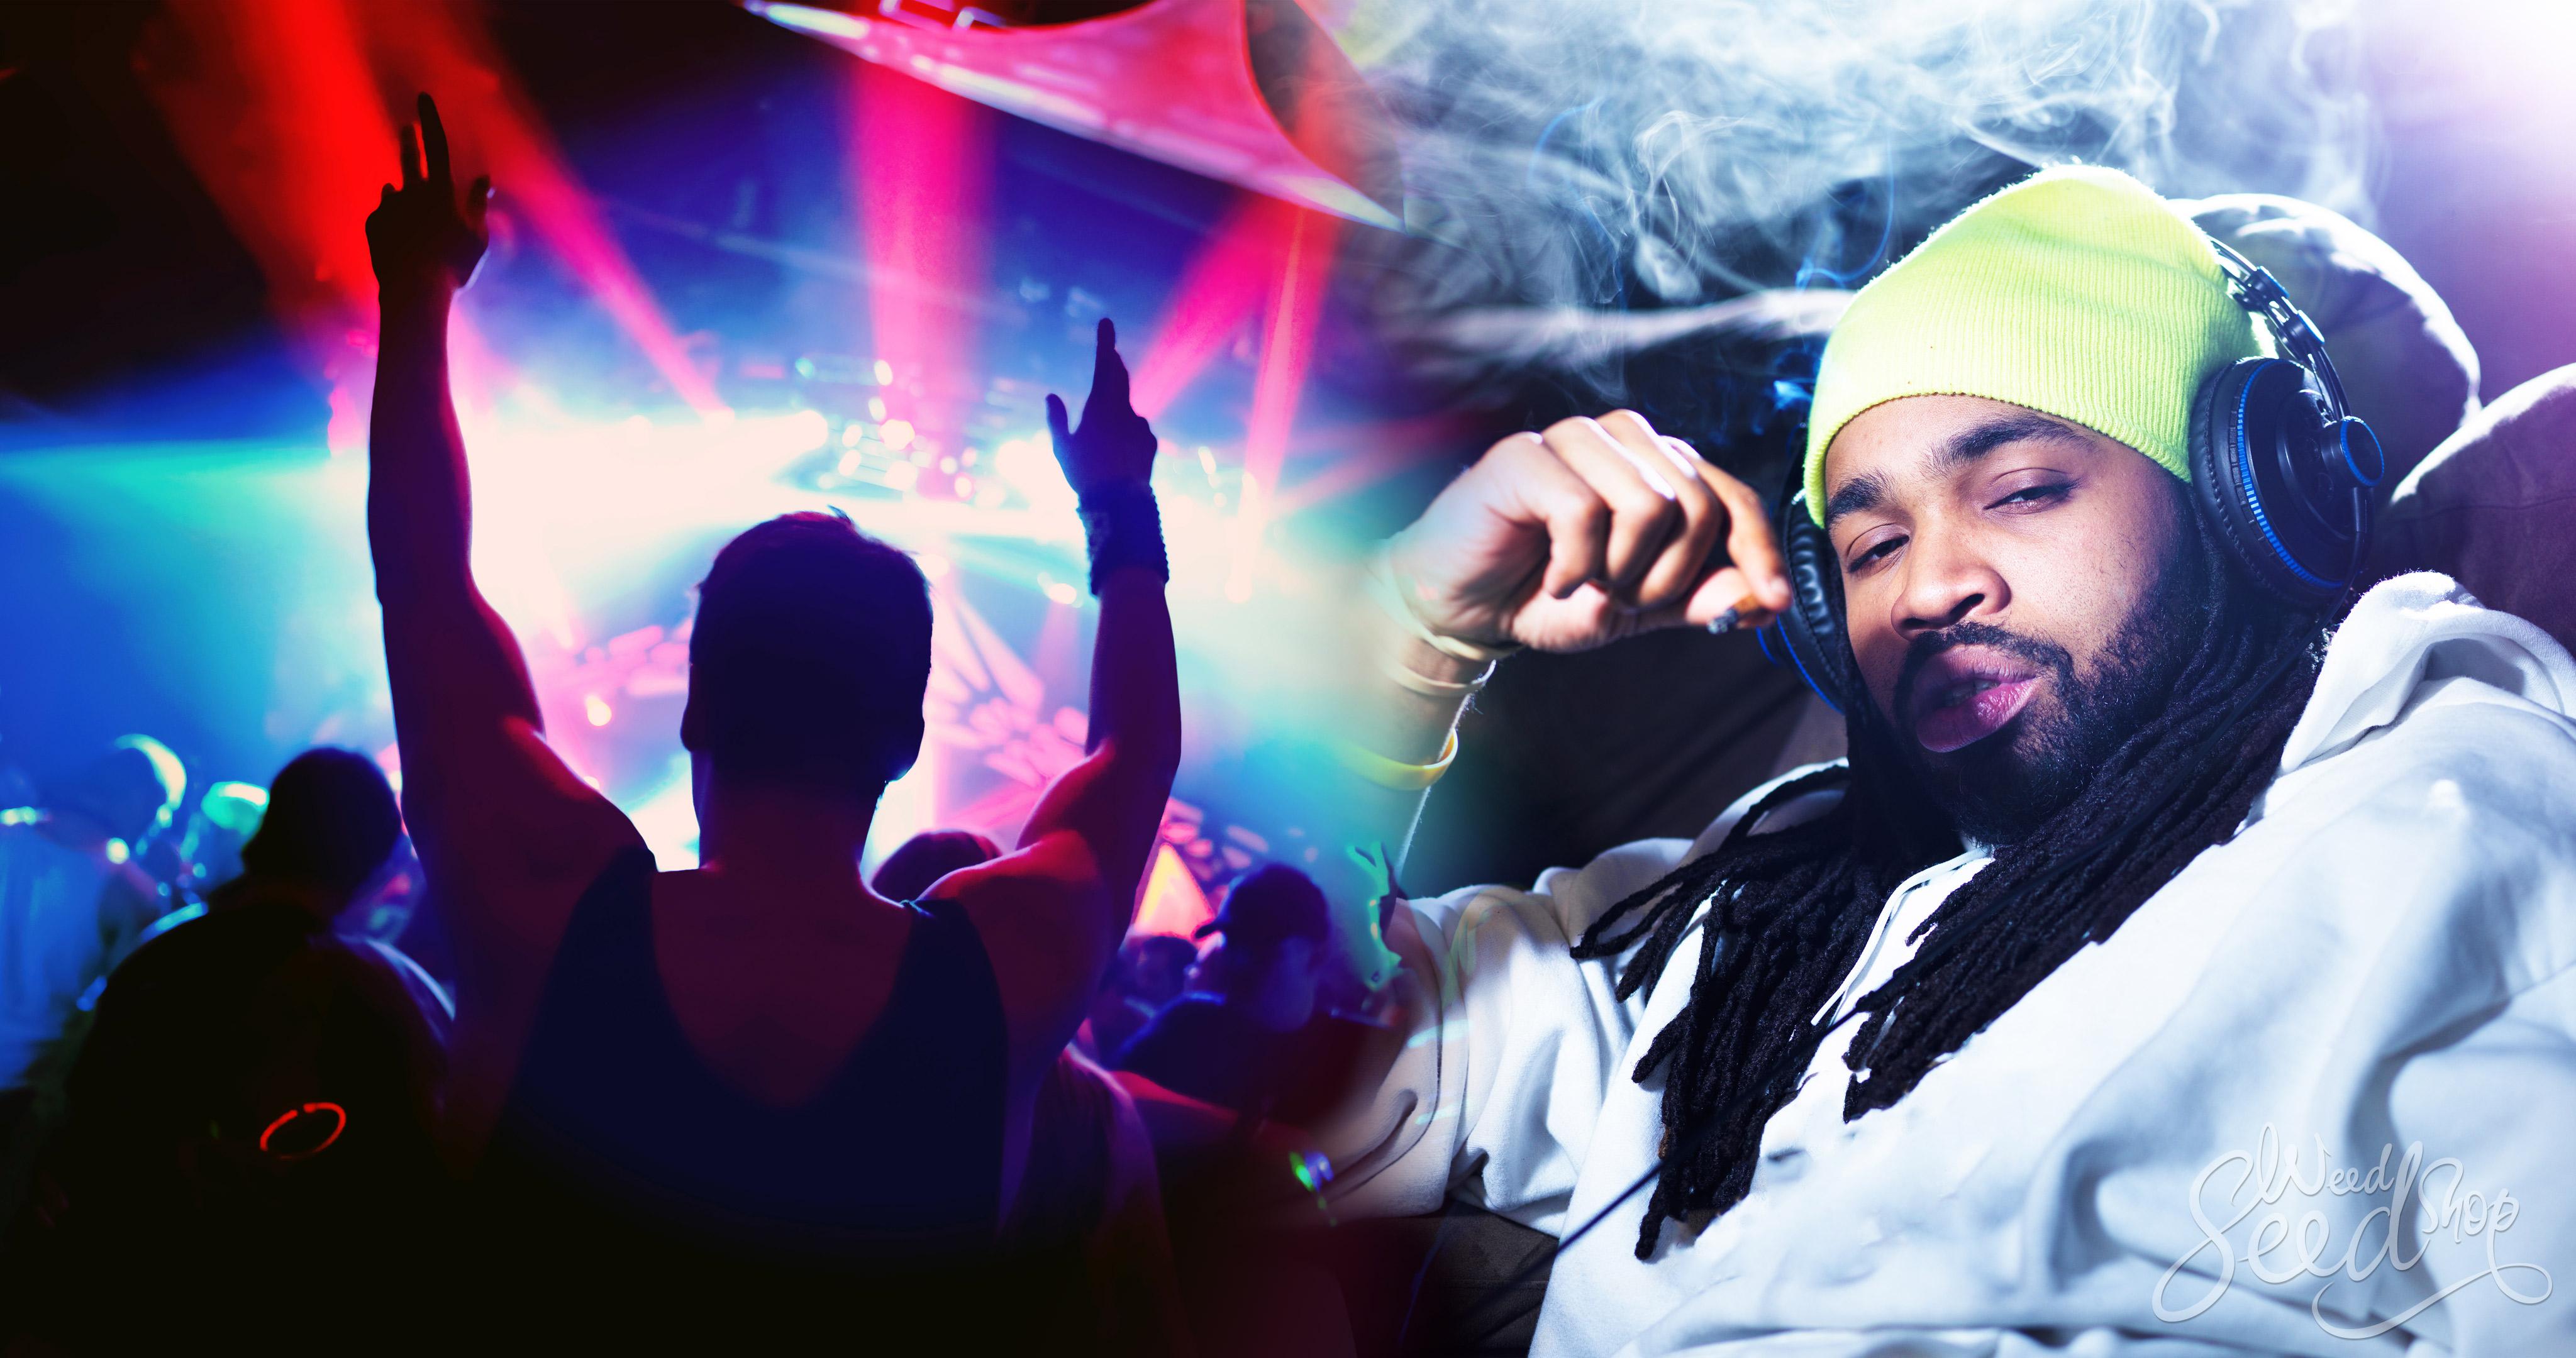 Wat is het Verschil Tussen High en Stoned? - WeedSeedShop